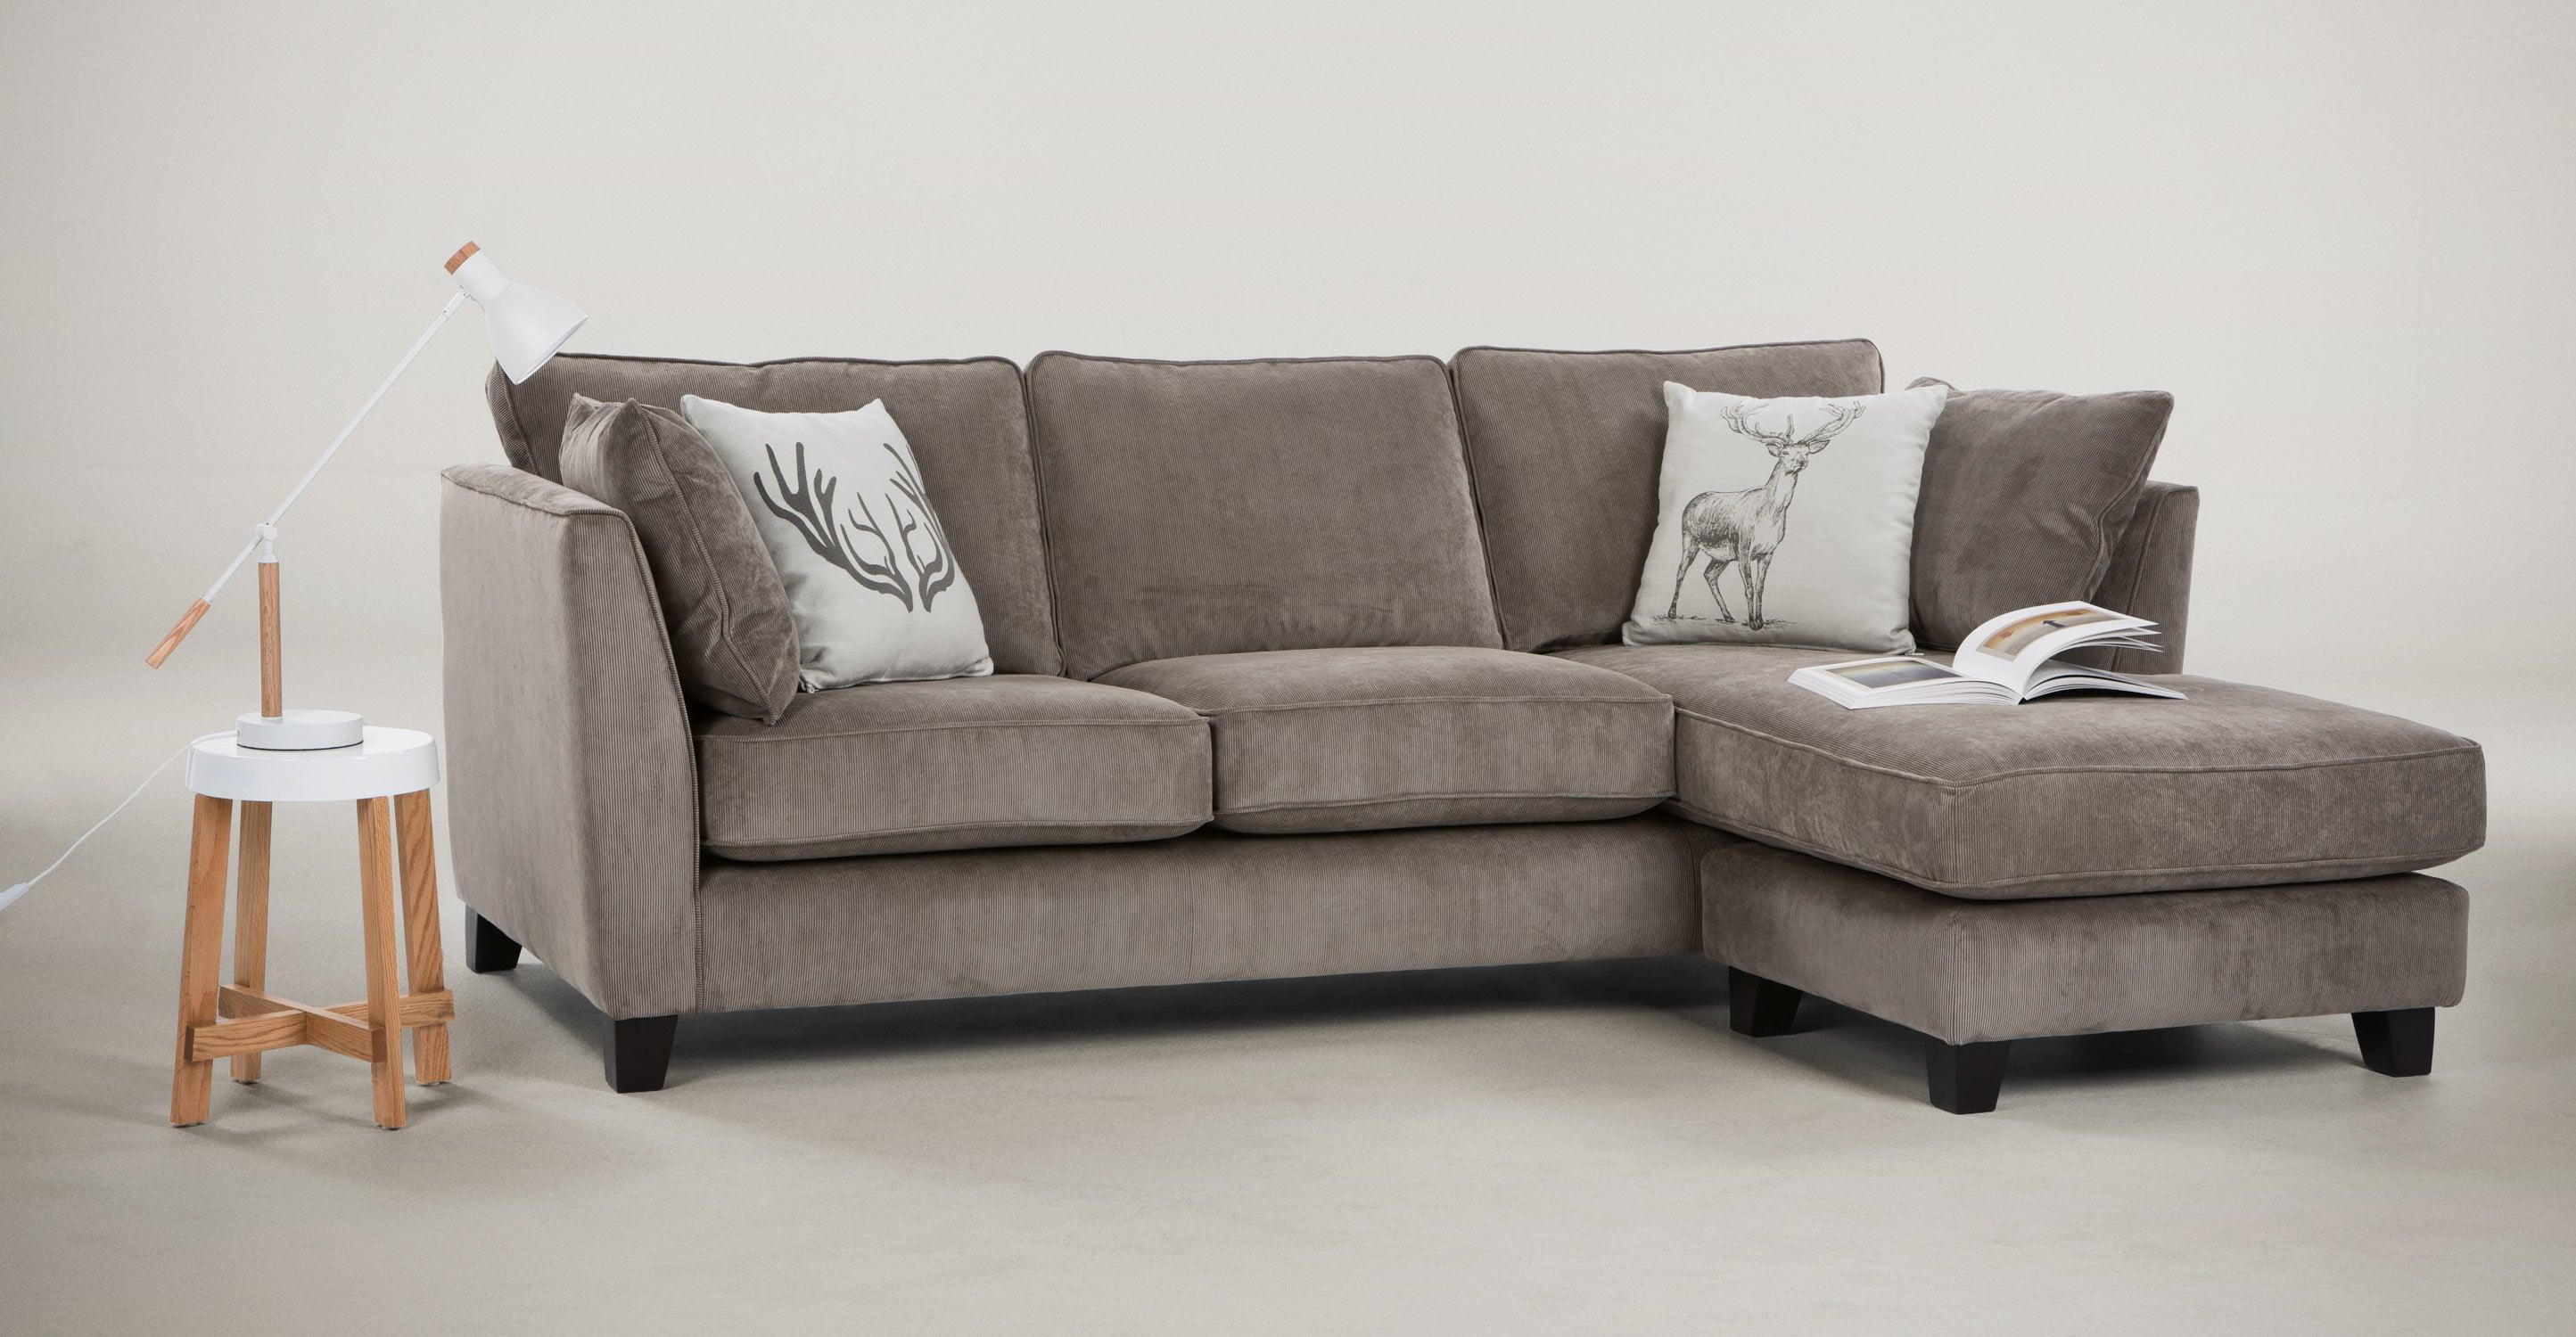 диван в скандинавском стиле в Екатеринбурге купить